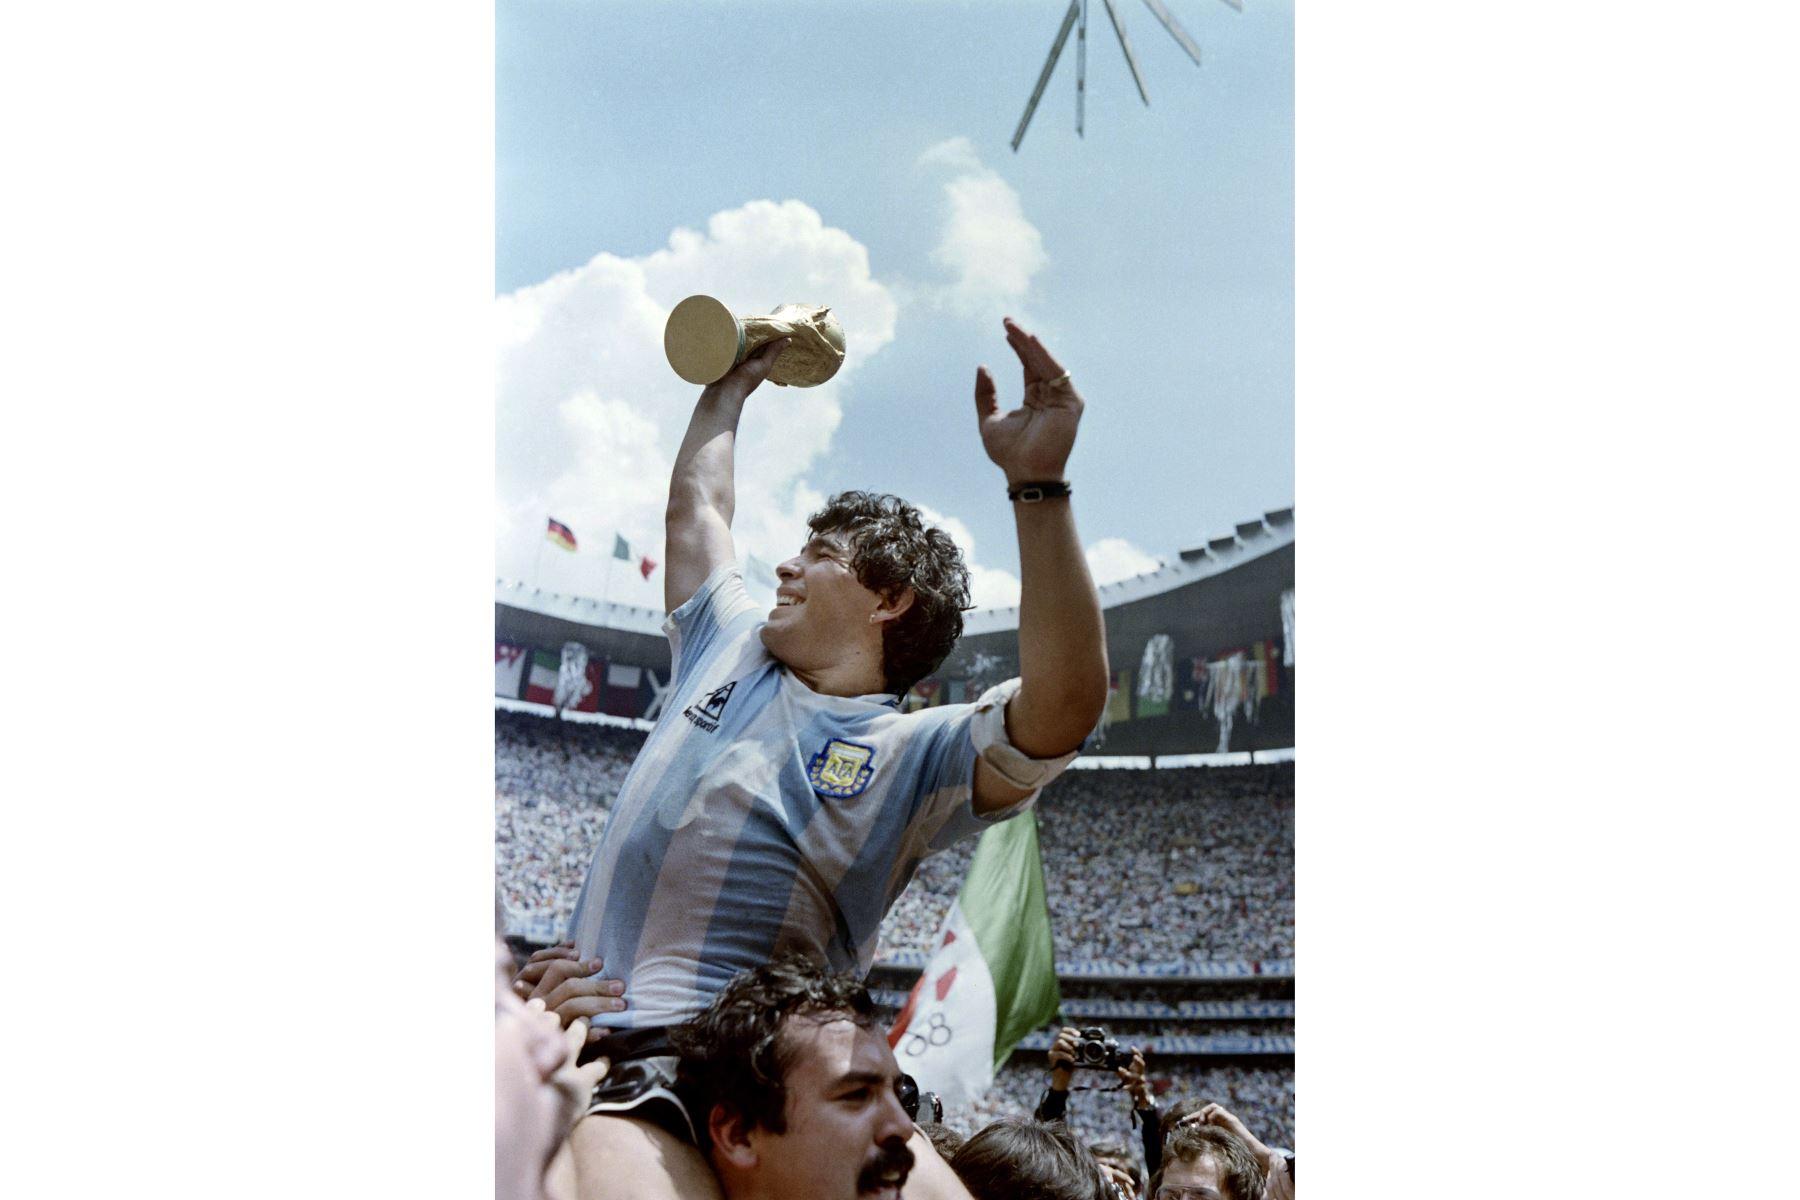 En esta foto de archivo tomada el 29 de junio de 1986, el capitán del equipo y estrella del fútbol argentino Diego Maradona alza la Copa Mundial de Fútbol ganada por su equipo luego de una victoria por 3-2 sobre Alemania Occidental, en el estadio Azteca de la Ciudad de México. Foto: AFP